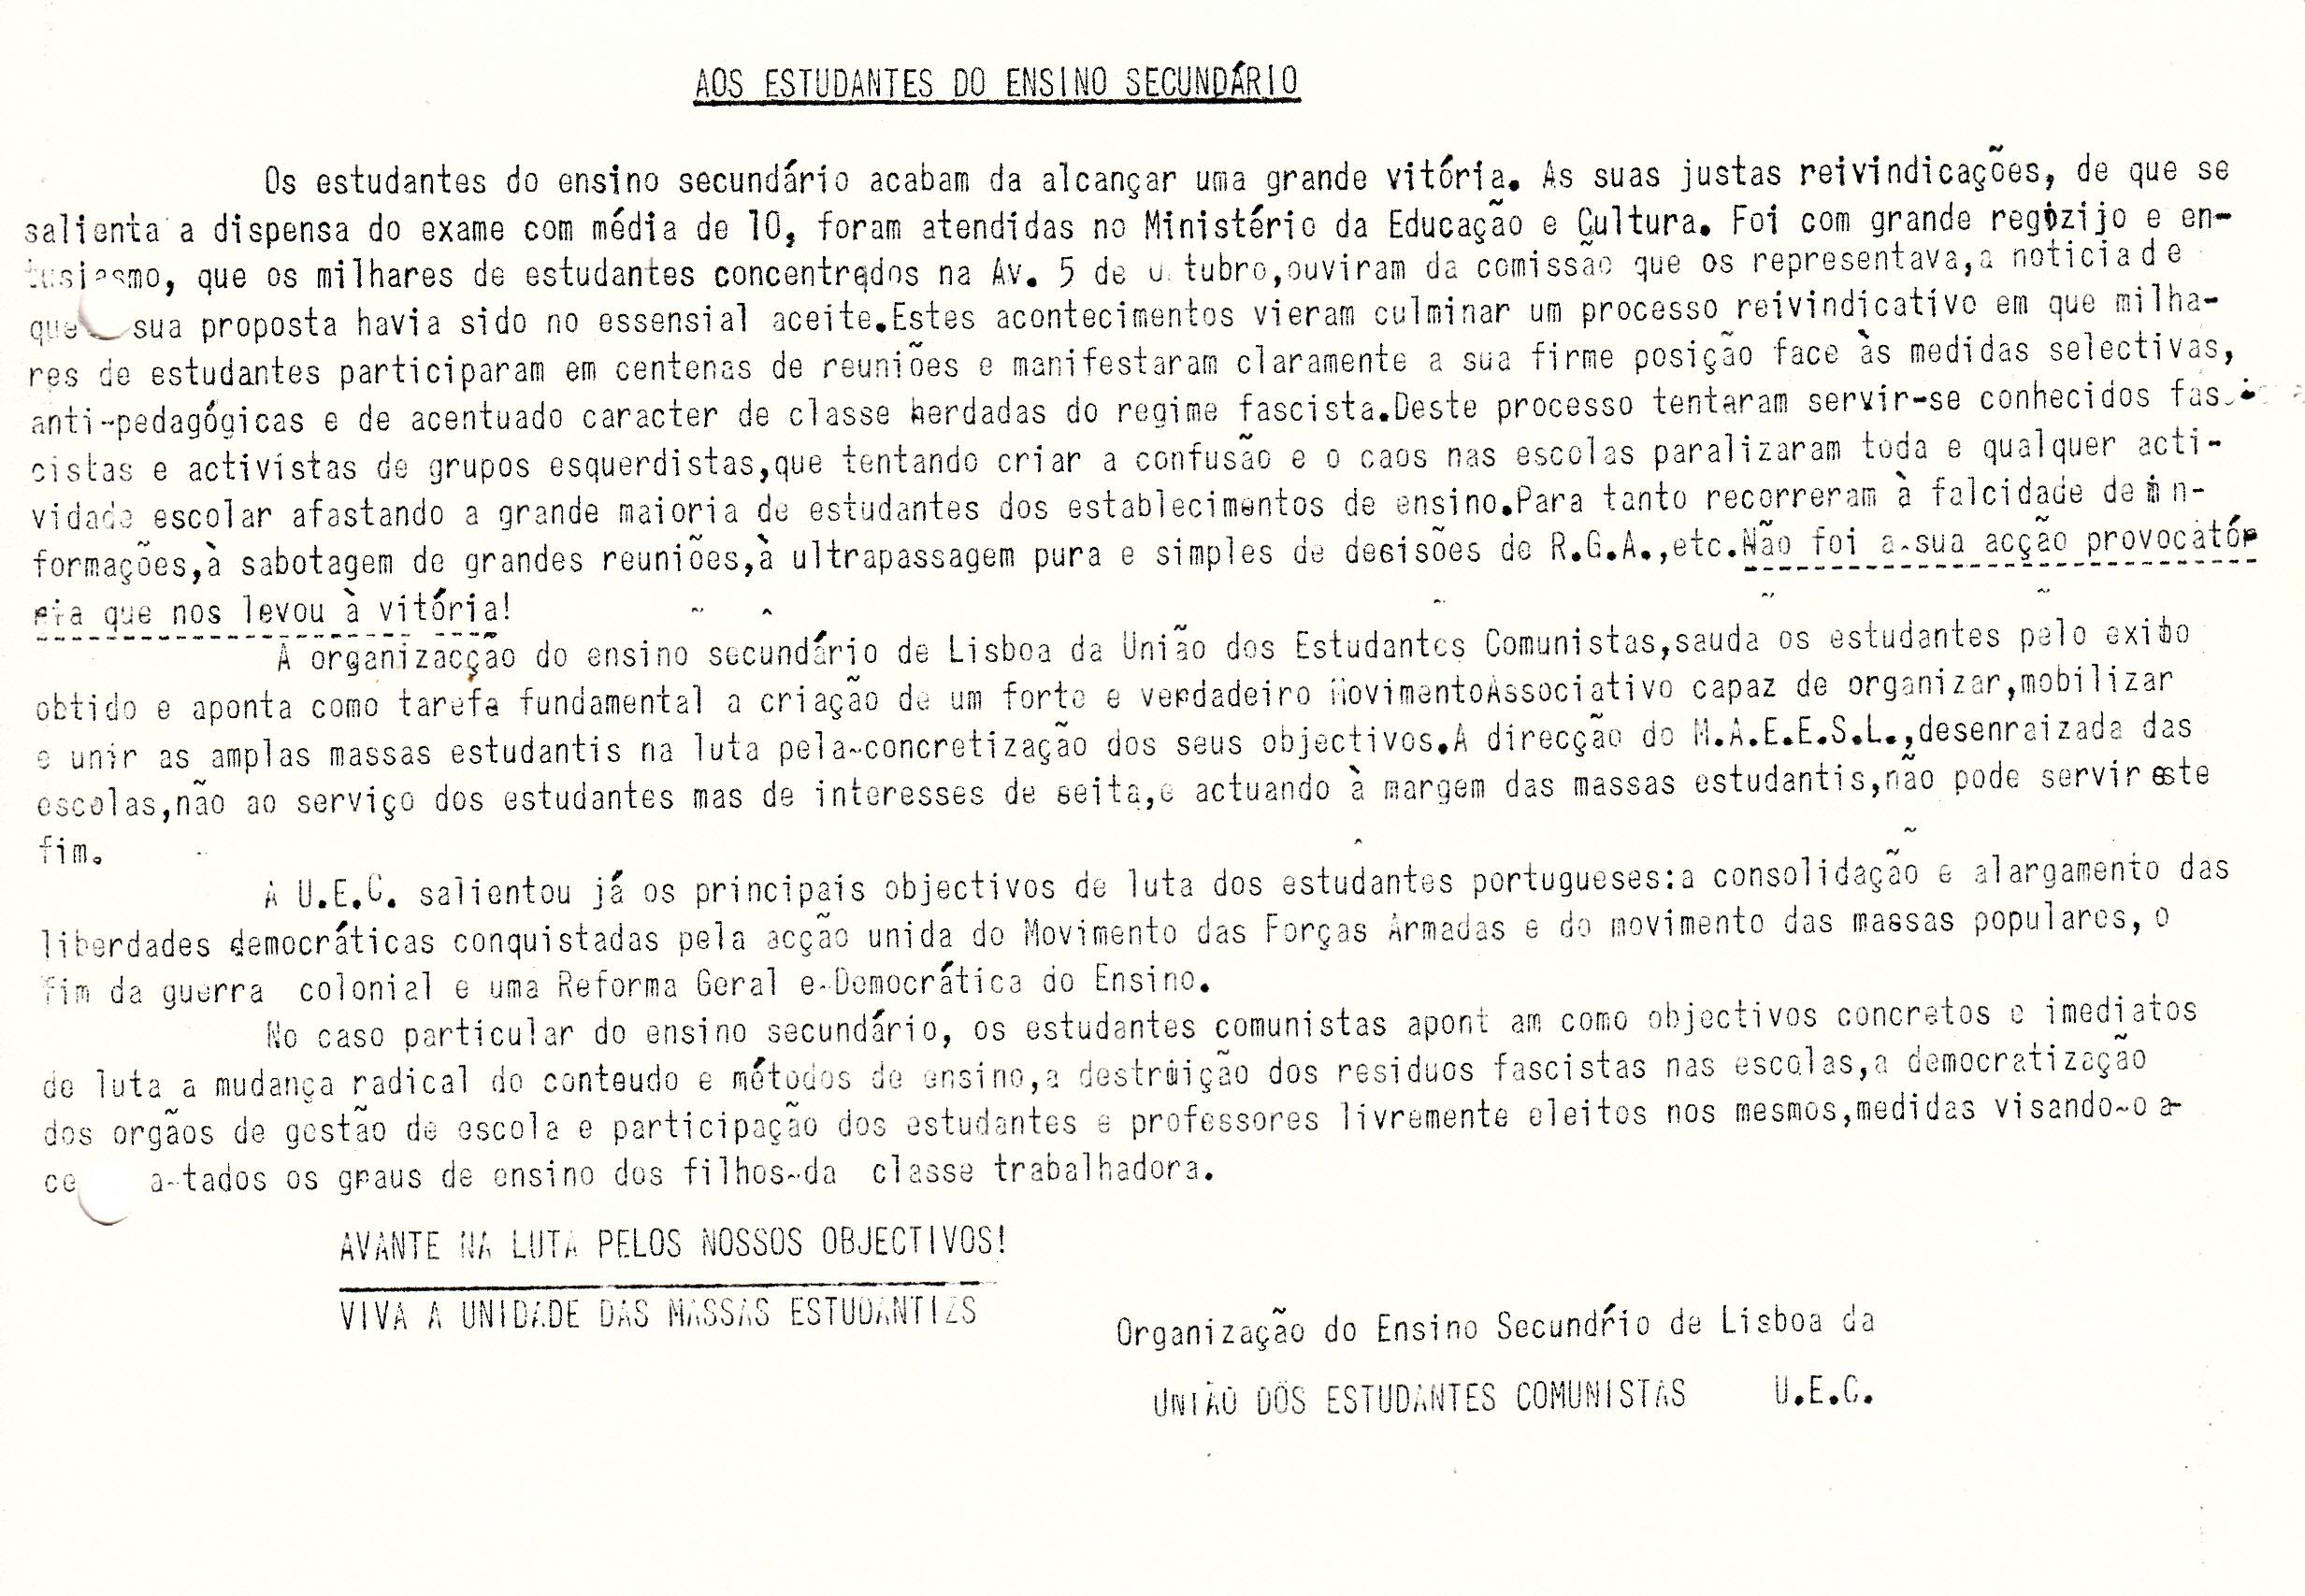 UEC_1974_sd_0001